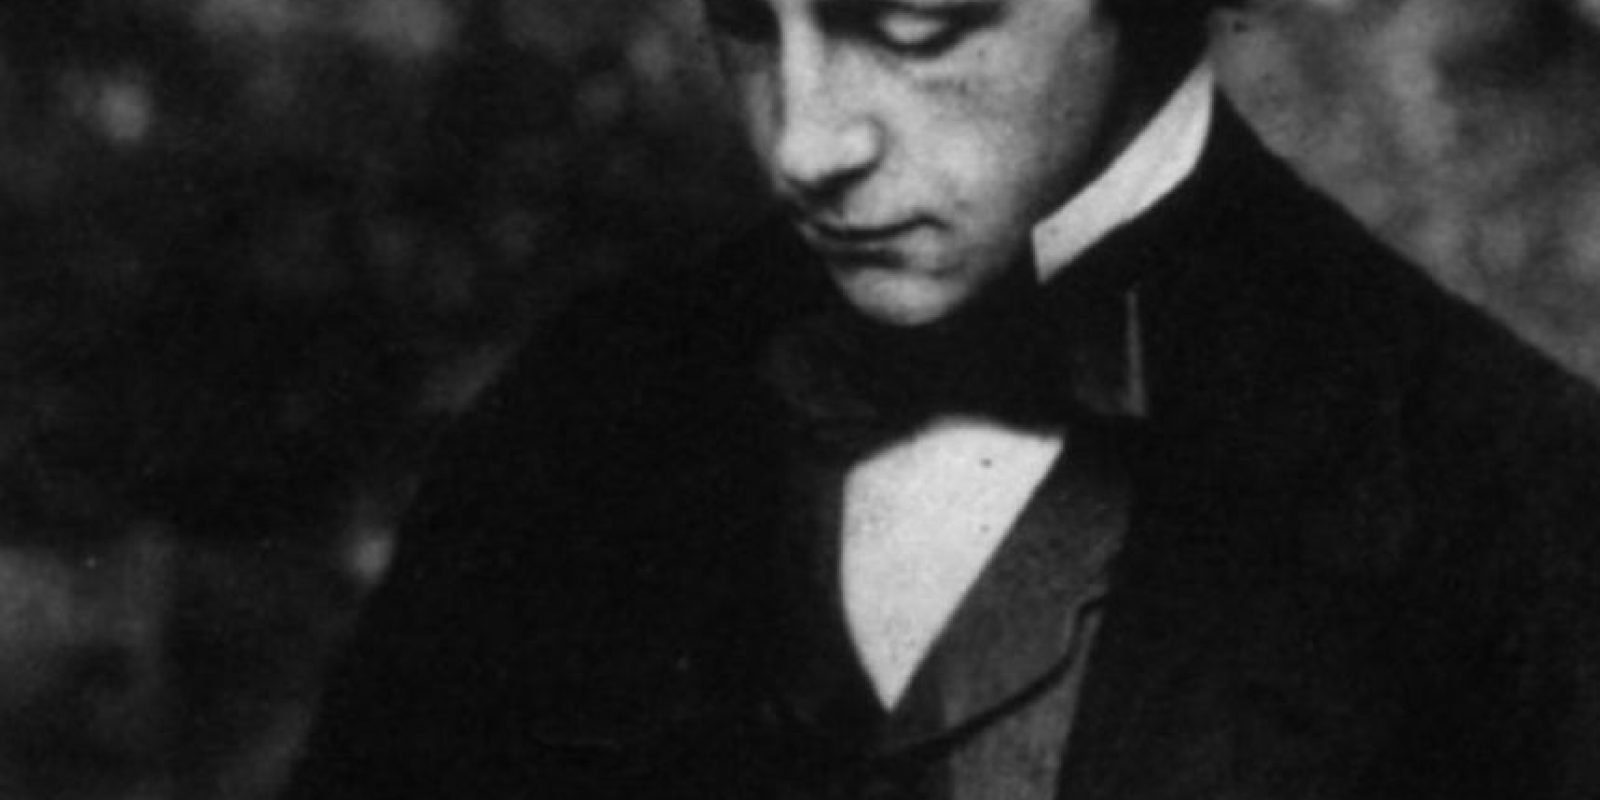 """Lewis Carroll: El creador de """"'Alicia en el País de las maravillas"""" era tímido y nunca se casó. Su musa fue la pequeña Alice Liddell y a un montón de niñas amigas suyas, a las que fotografió en poses que para los estándares de hoy serían bastante impropias para su edad. También se rumorea que tuvo en propiedad fotos de niñas desnudas. Por esto lo catalogaron de pedófilo. Foto:vía Getty Images"""